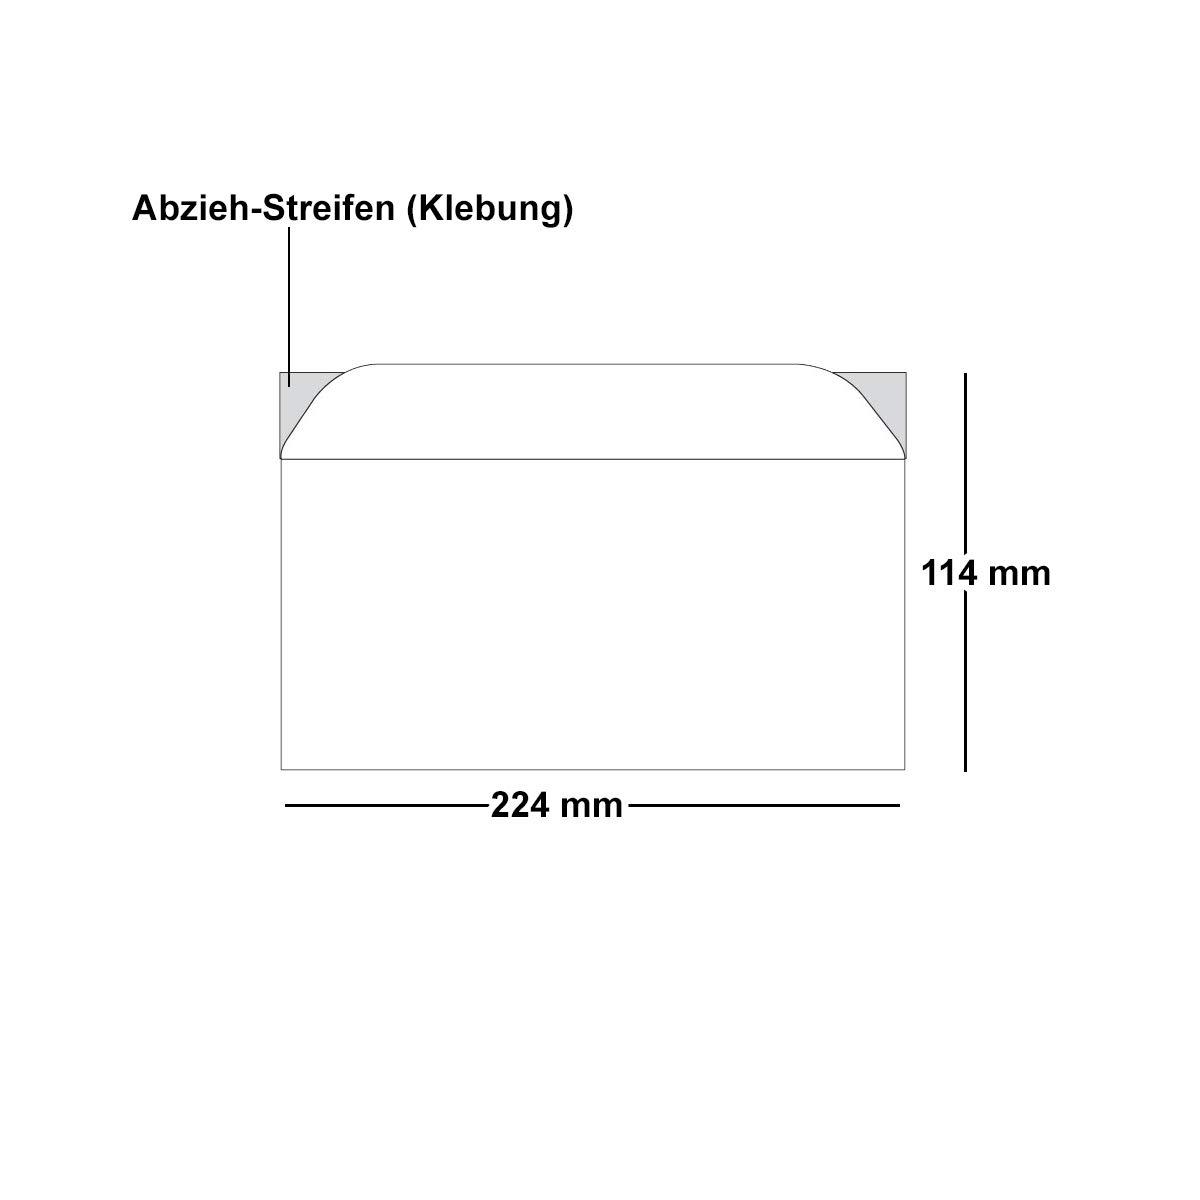 DL 224x114 mm Umschl/äge mit Haftklebung Abziehstreifen Kuvert ohne Fenster ARTOZ 25x Briefumschl/äge DIN Lang Wei/ß 100 g//m/² selbstklebend